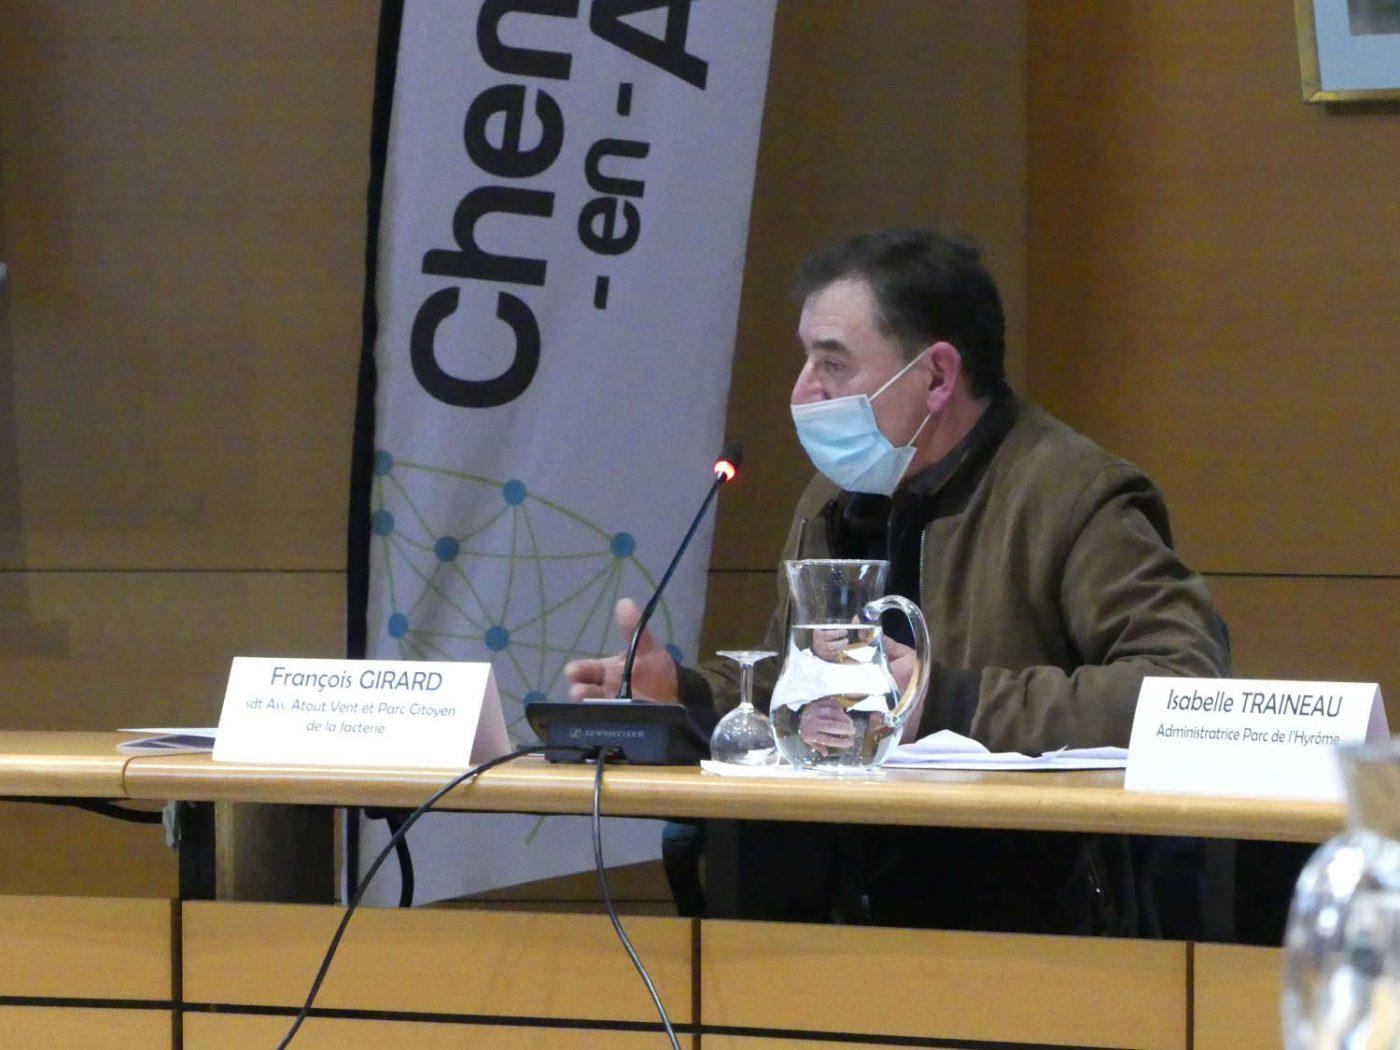 François Girard, président de l'association Atout Vent, interpelle la ministre de la transition écologique.